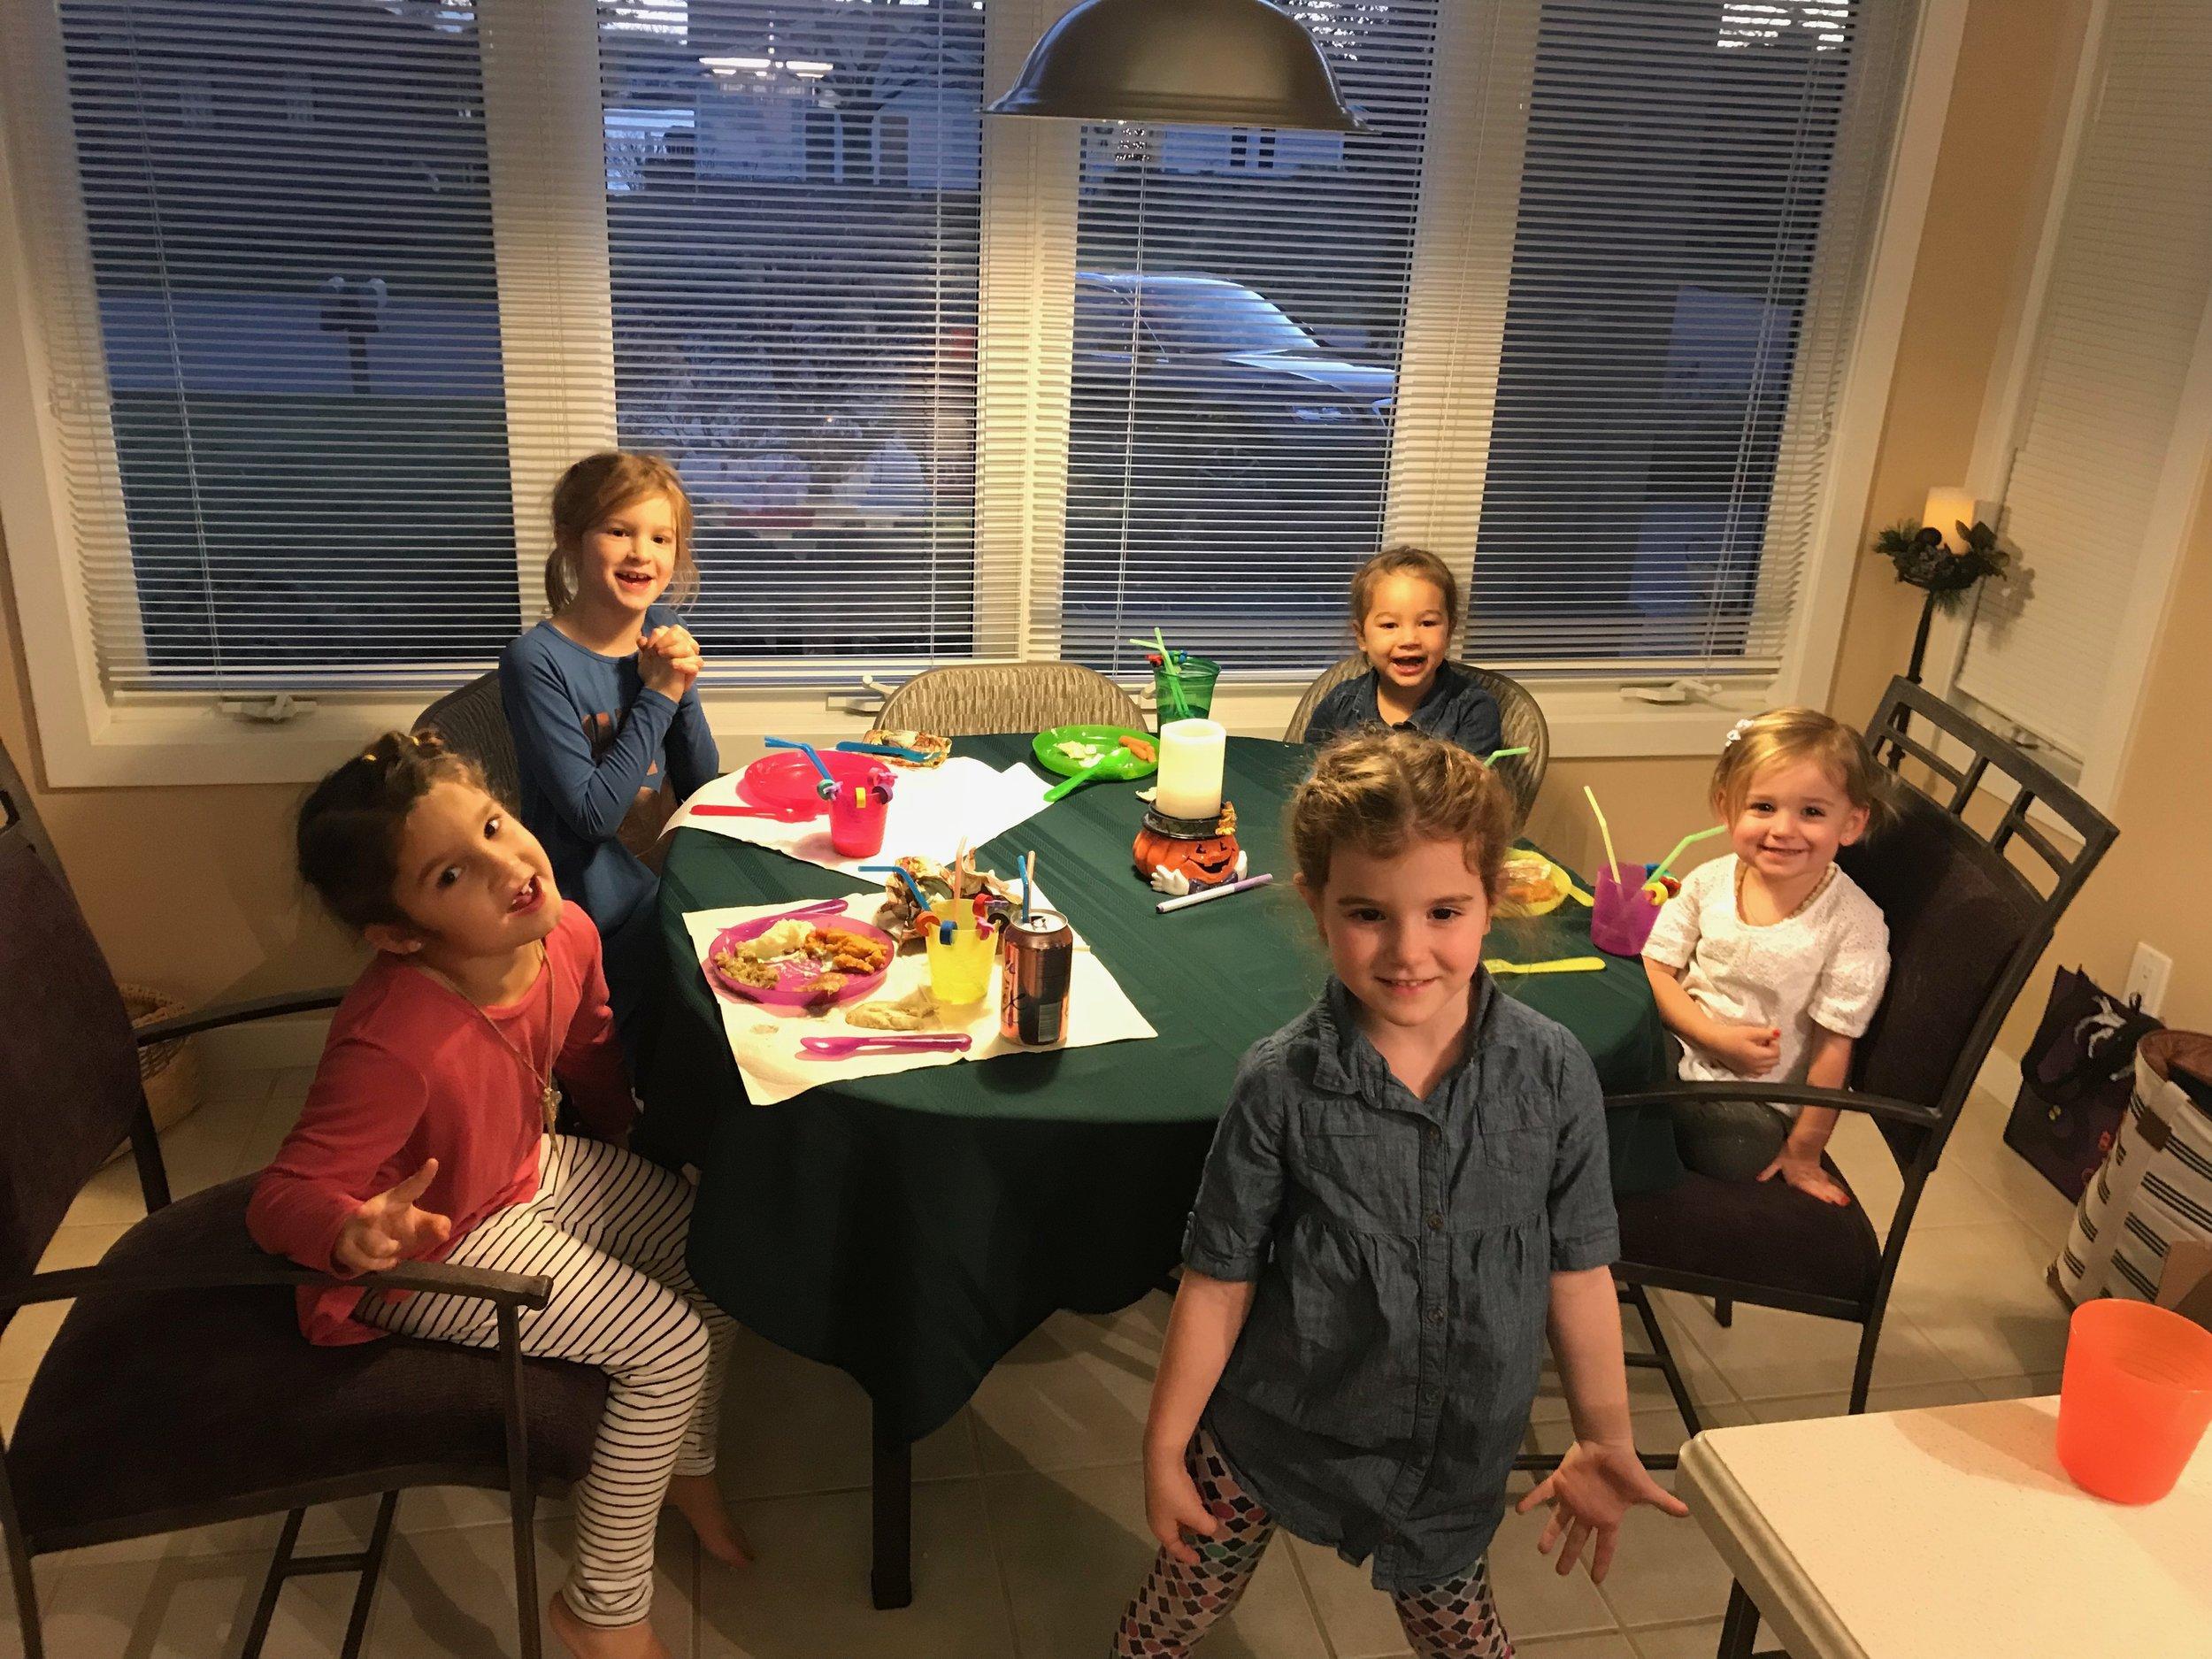 Kladder Thanksgiving Kids Table.jpg